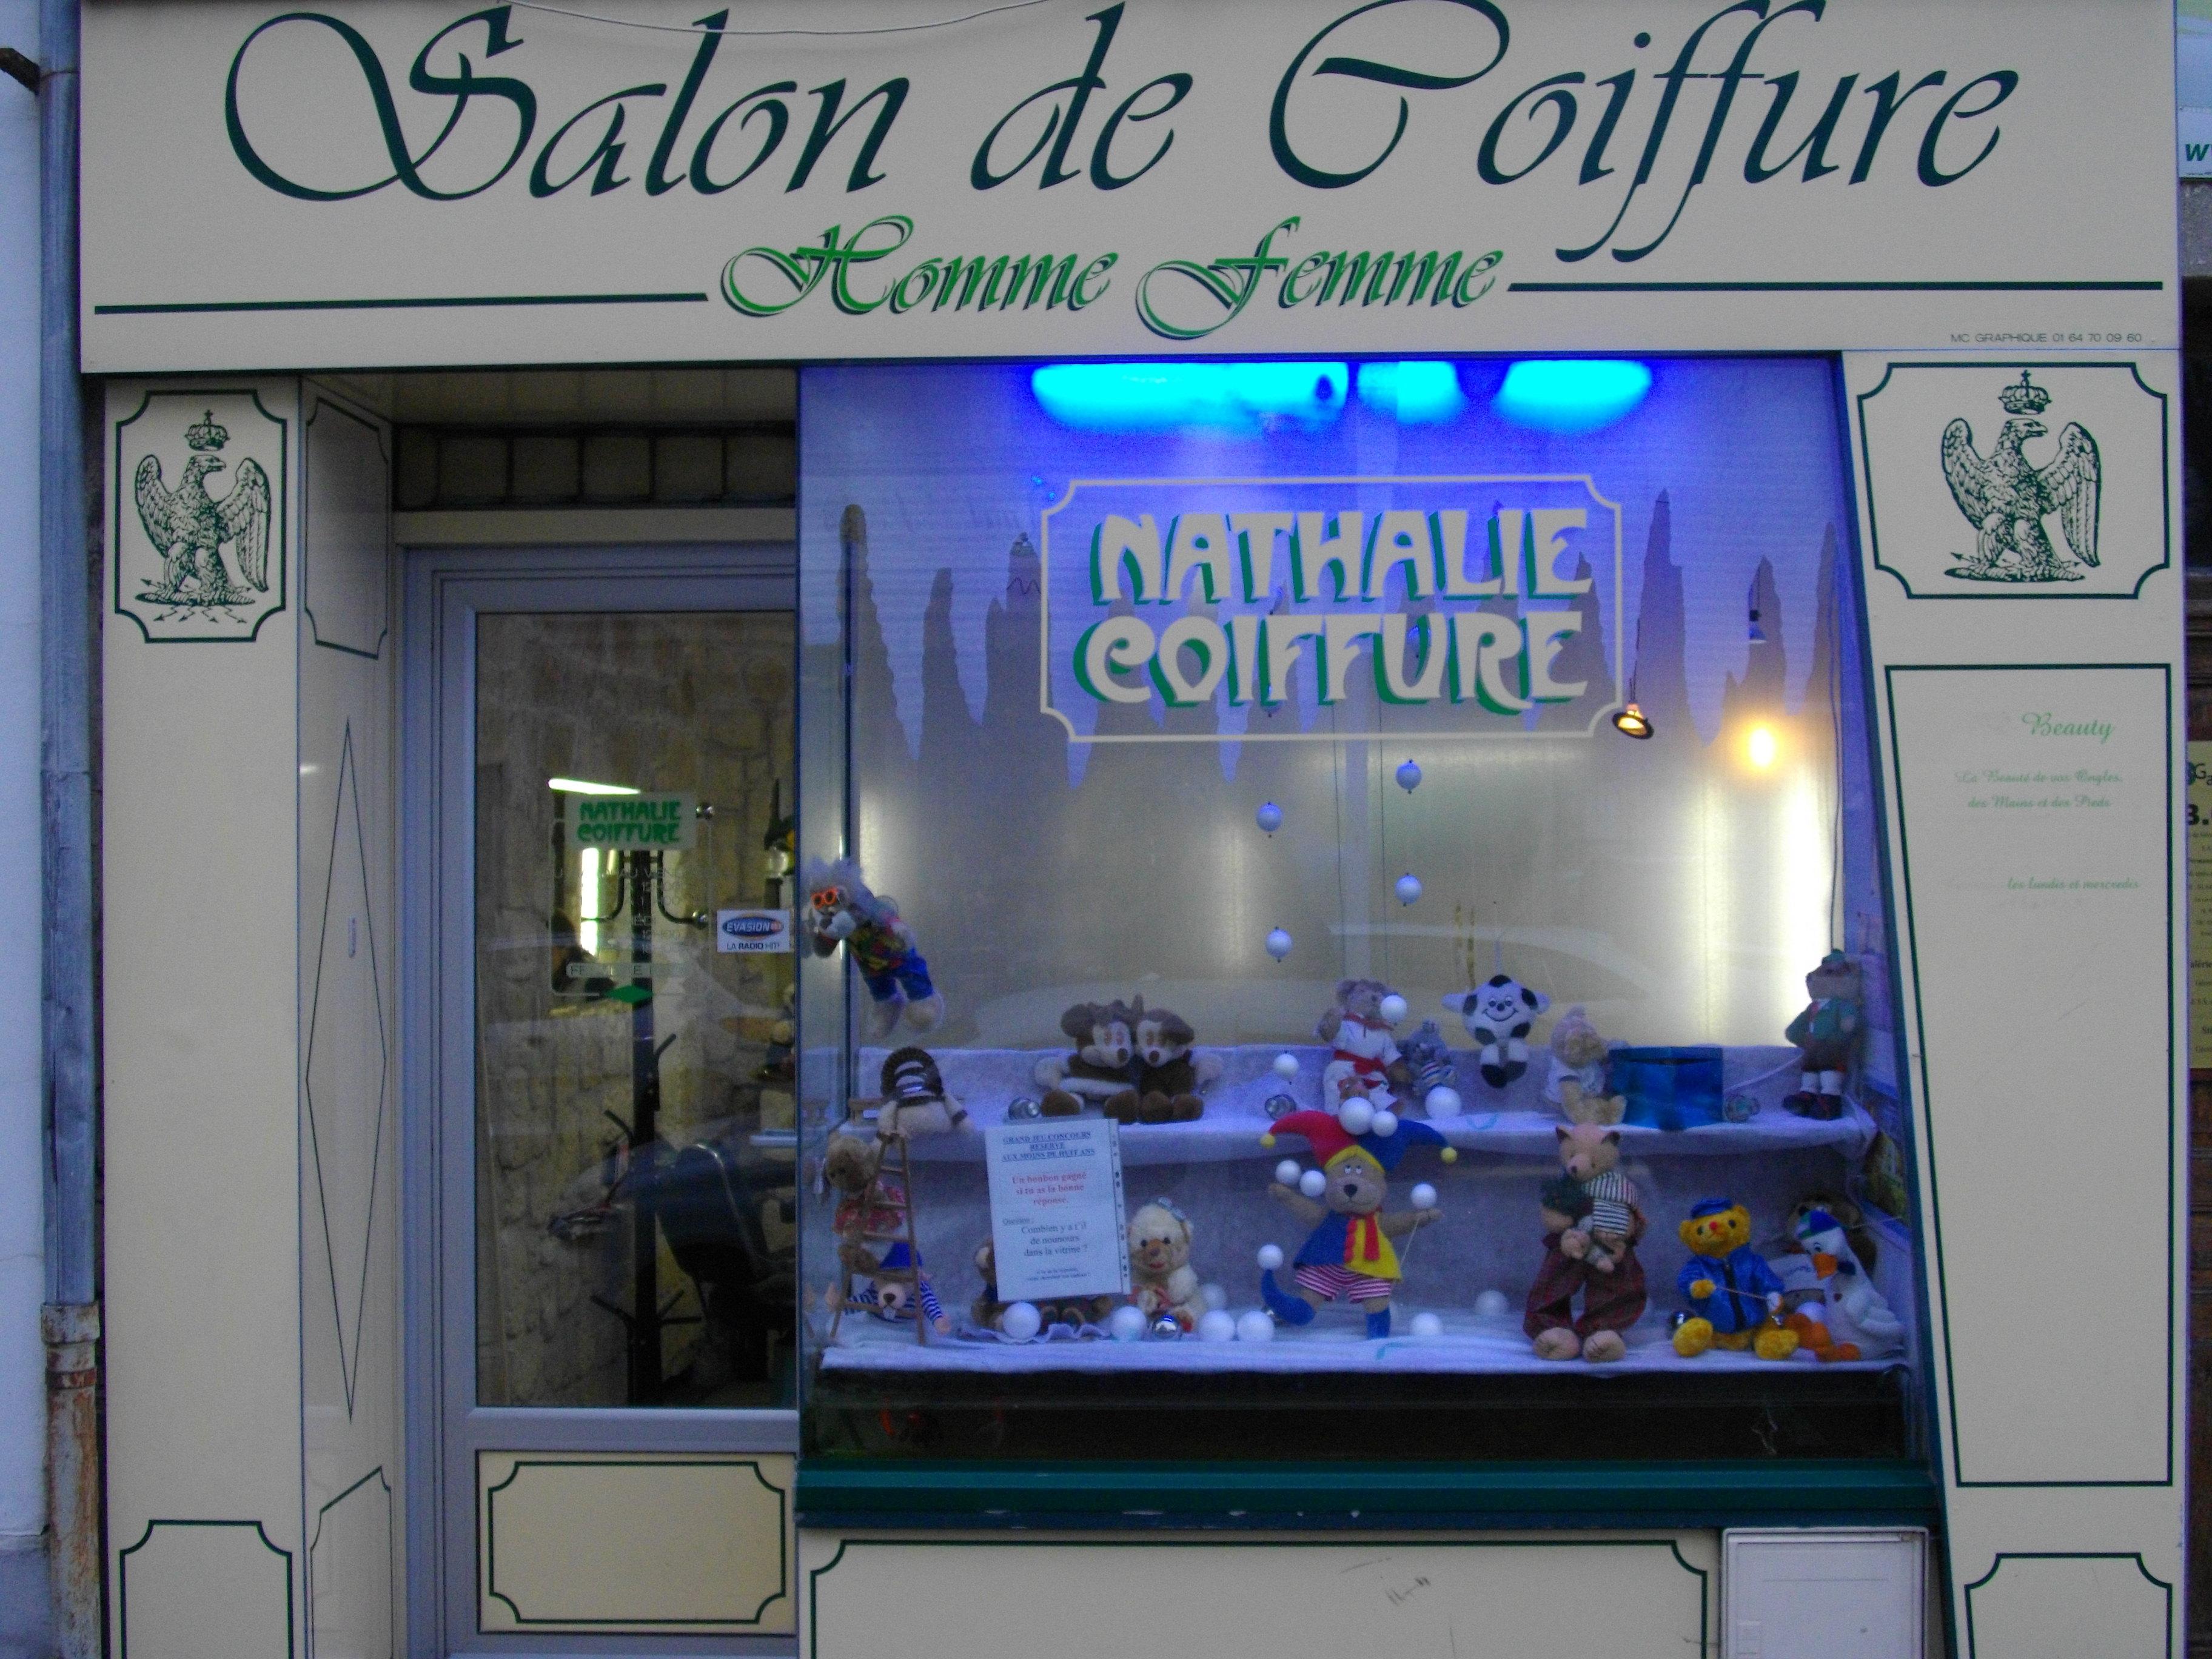 Nathalie Coiffure